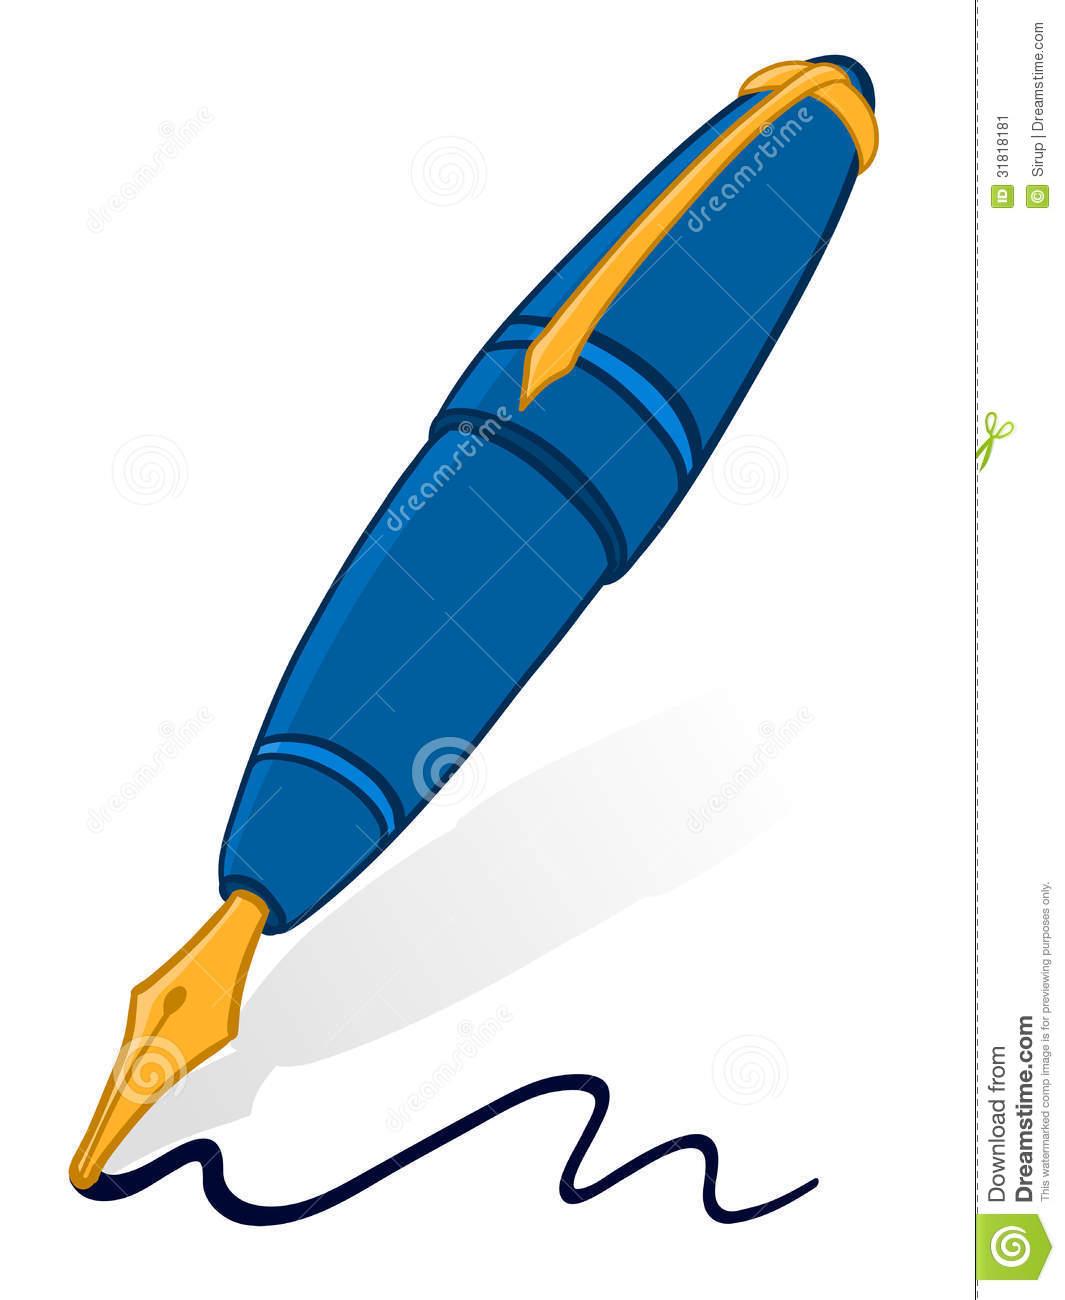 Fountain Pen Clipart - Clipart Kid